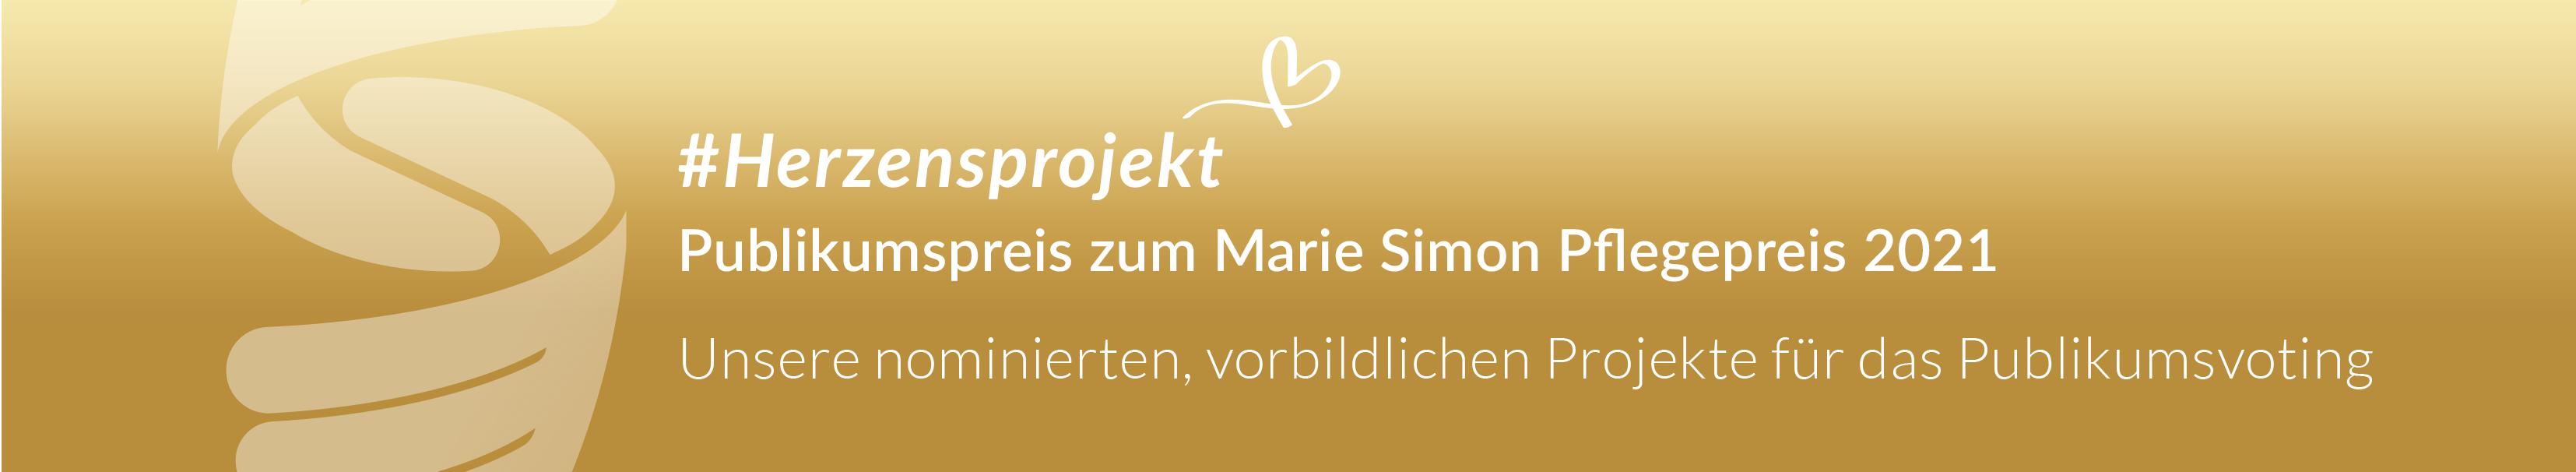 BPK_2021_Banner_Website_Herzensprojekt_1920x350px